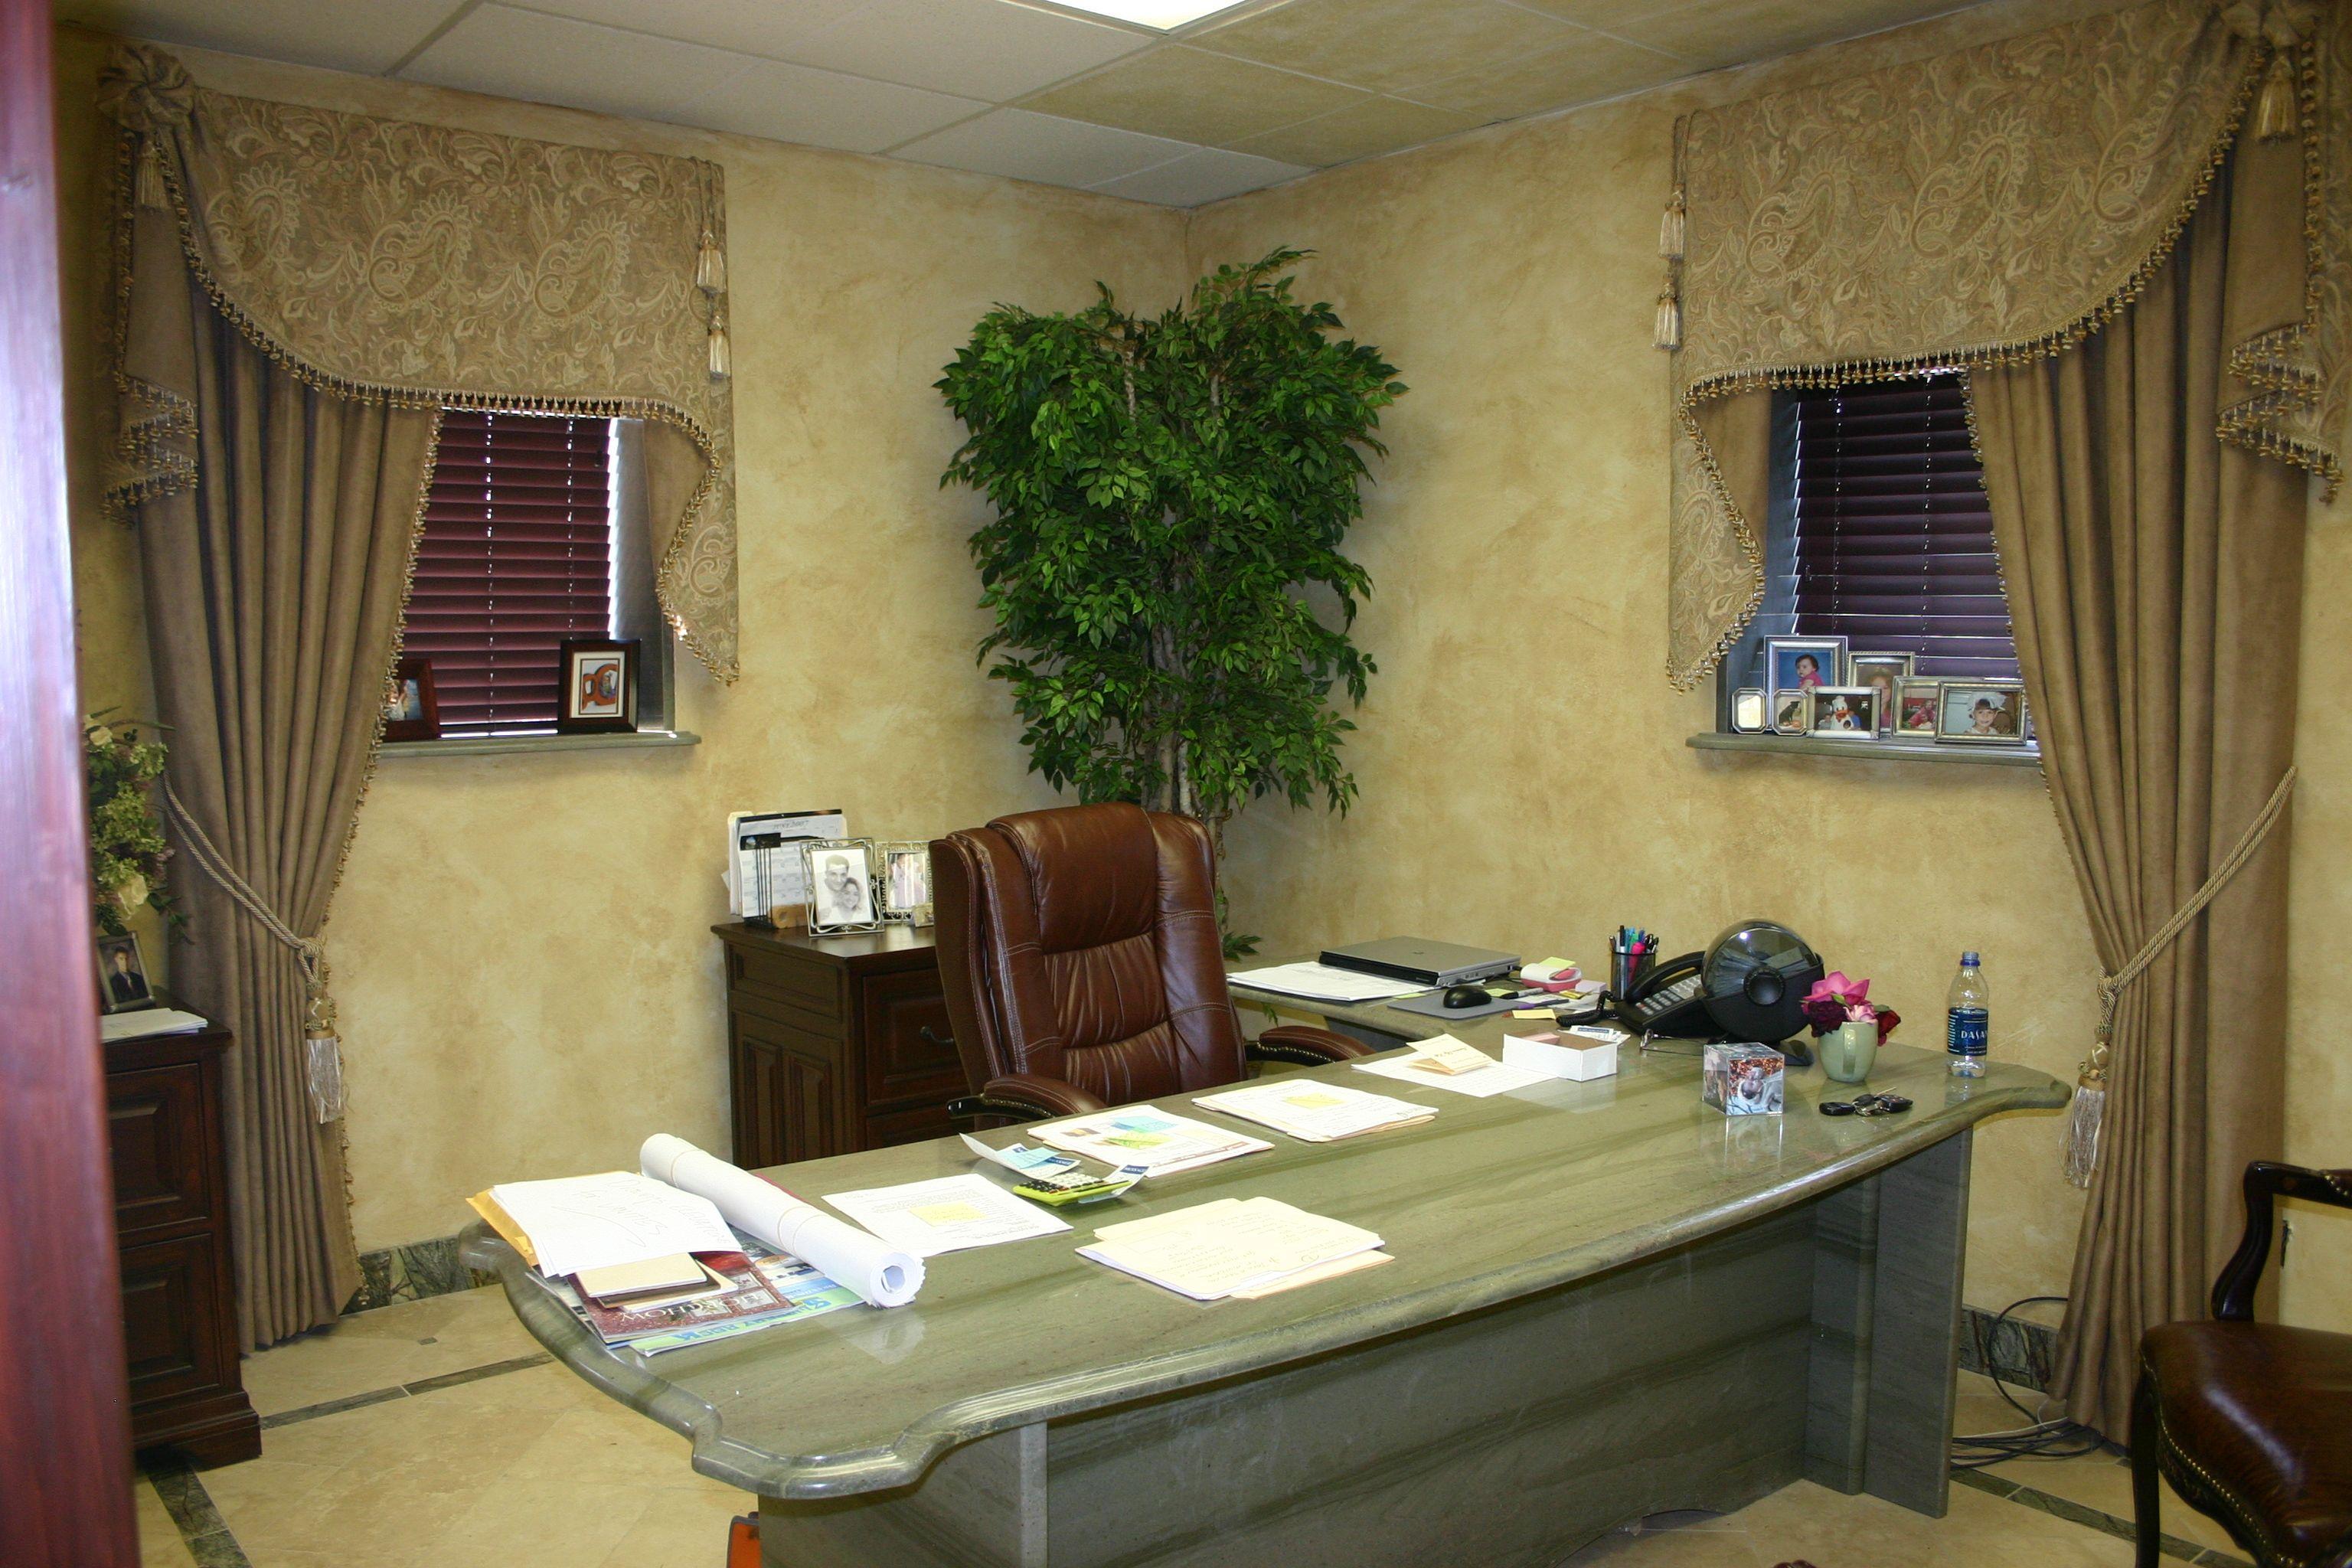 Window treatment ideas for a sunroom  workroom intelligence  roman shades u swingarm panels  drapery